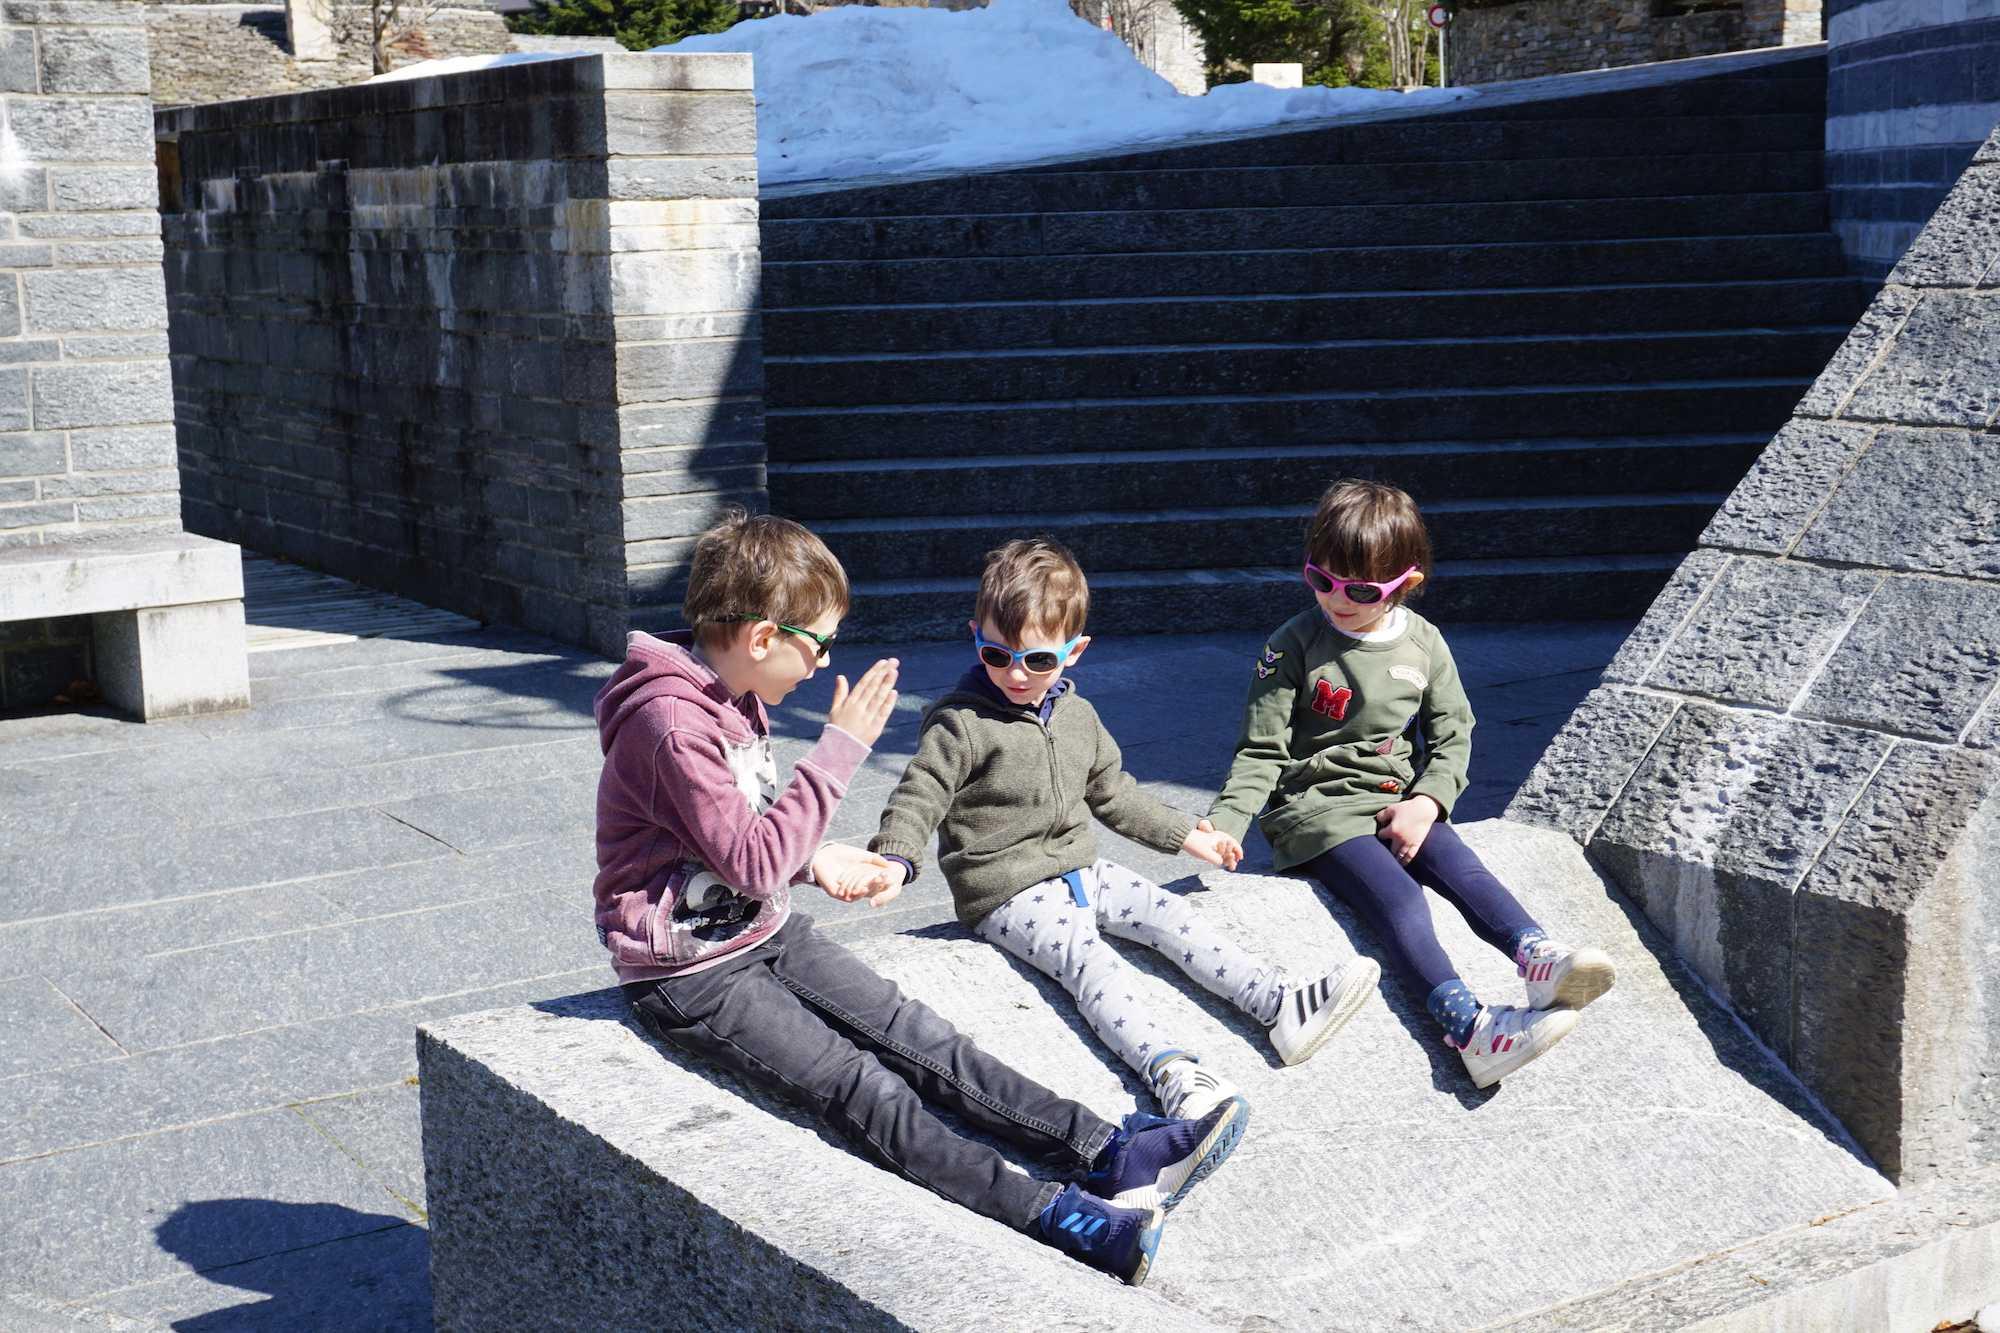 LA PARTICOLARE CHIESA ALPINA DELL'ARCHITETTO MARIO BOTTA A MOGNO 15